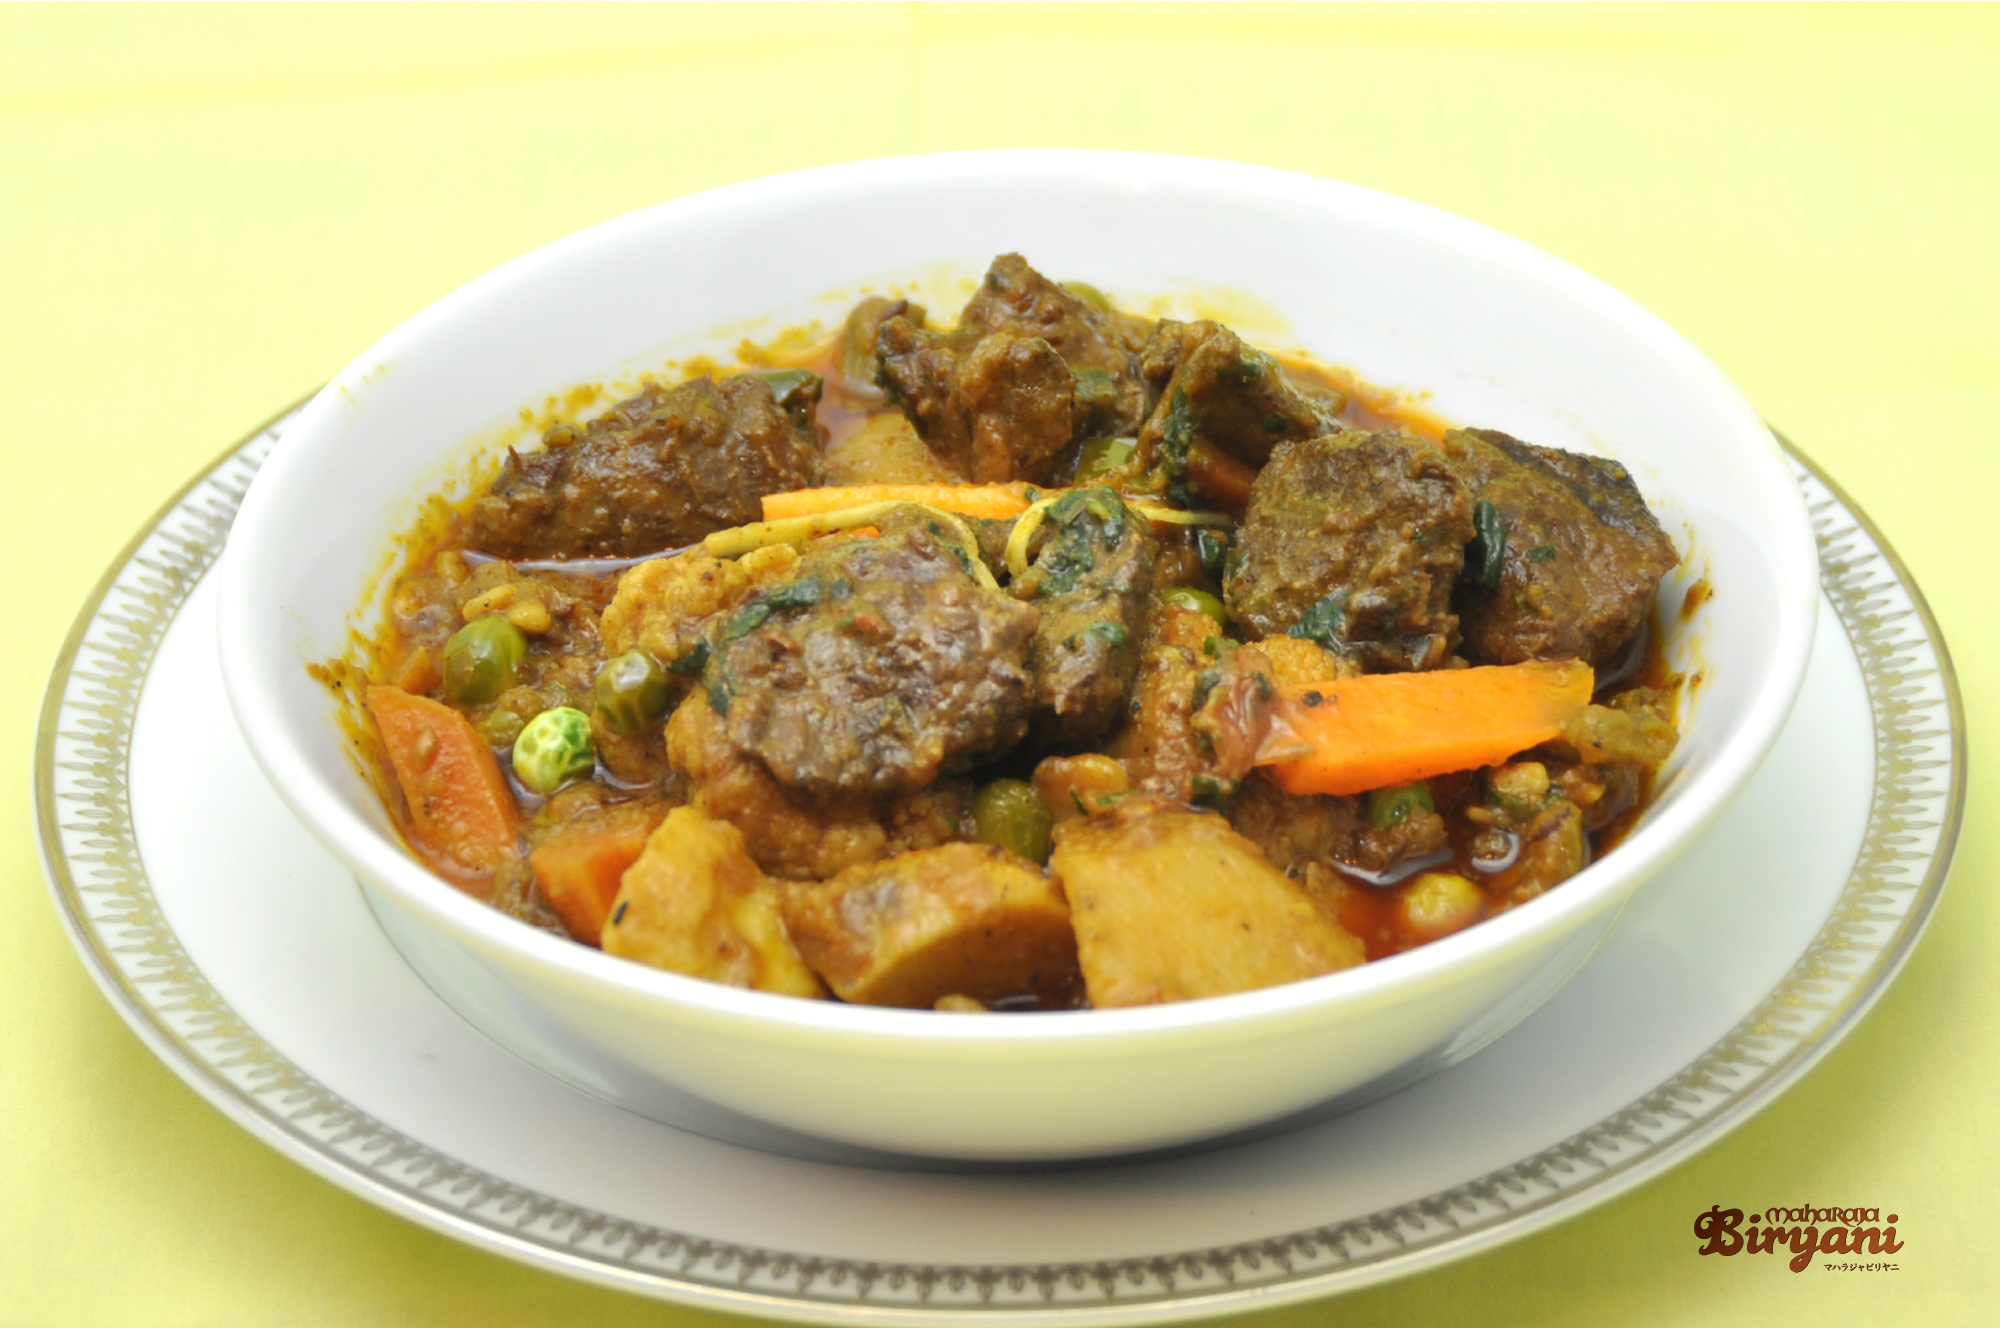 ミート&ベジタブルカレー Meat&Vegetable Curry